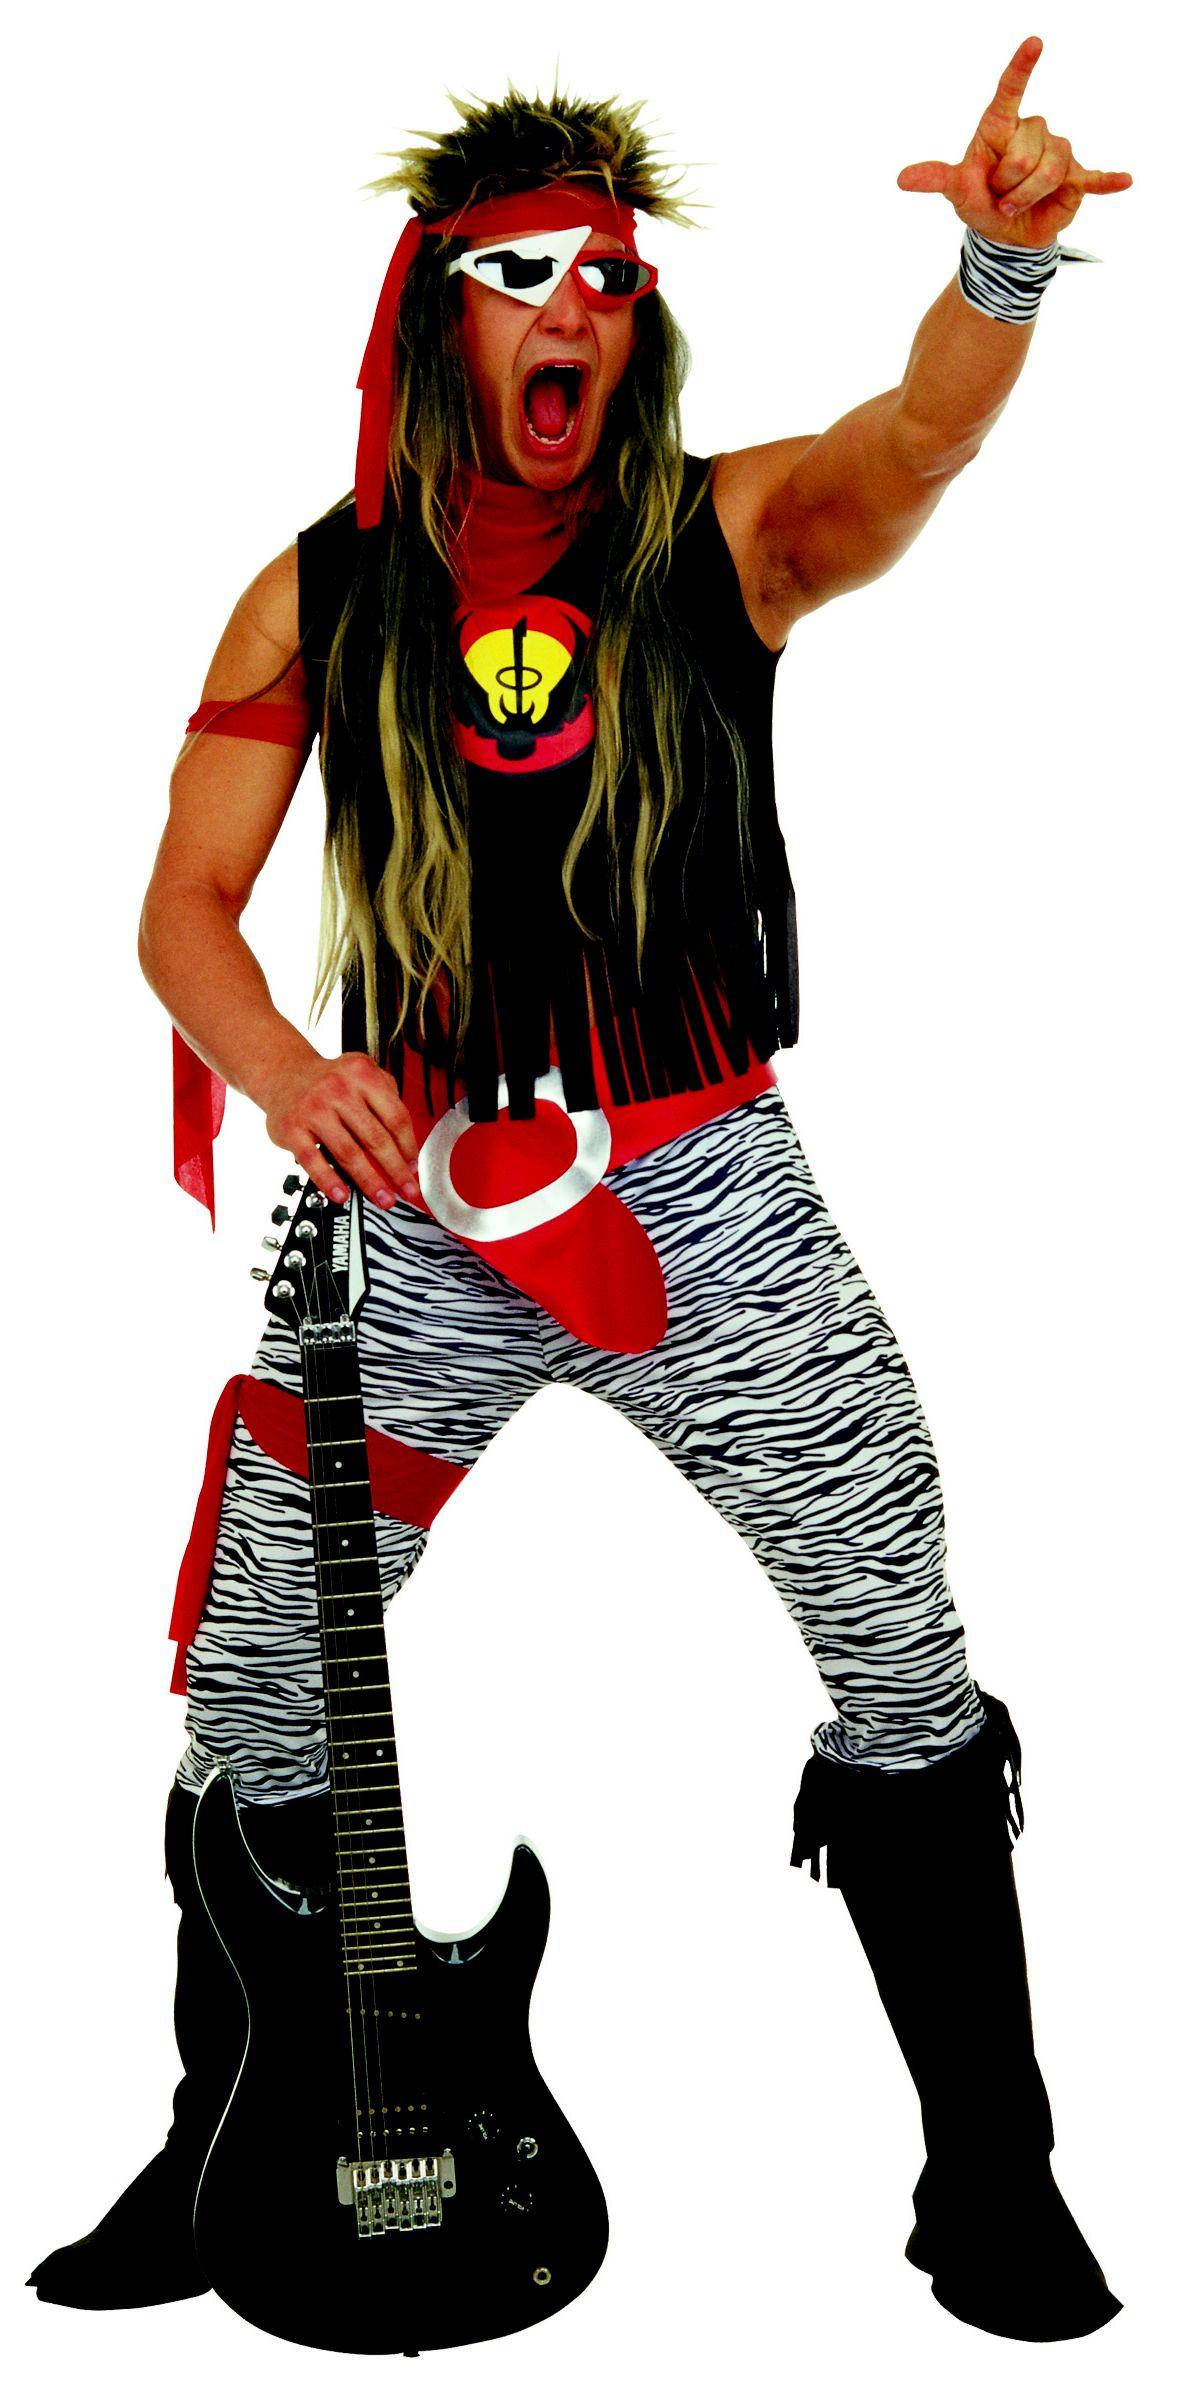 DESSINE-MOI UN AVATAR - Page 2 Deguisement-chateur-hard-rock-homme